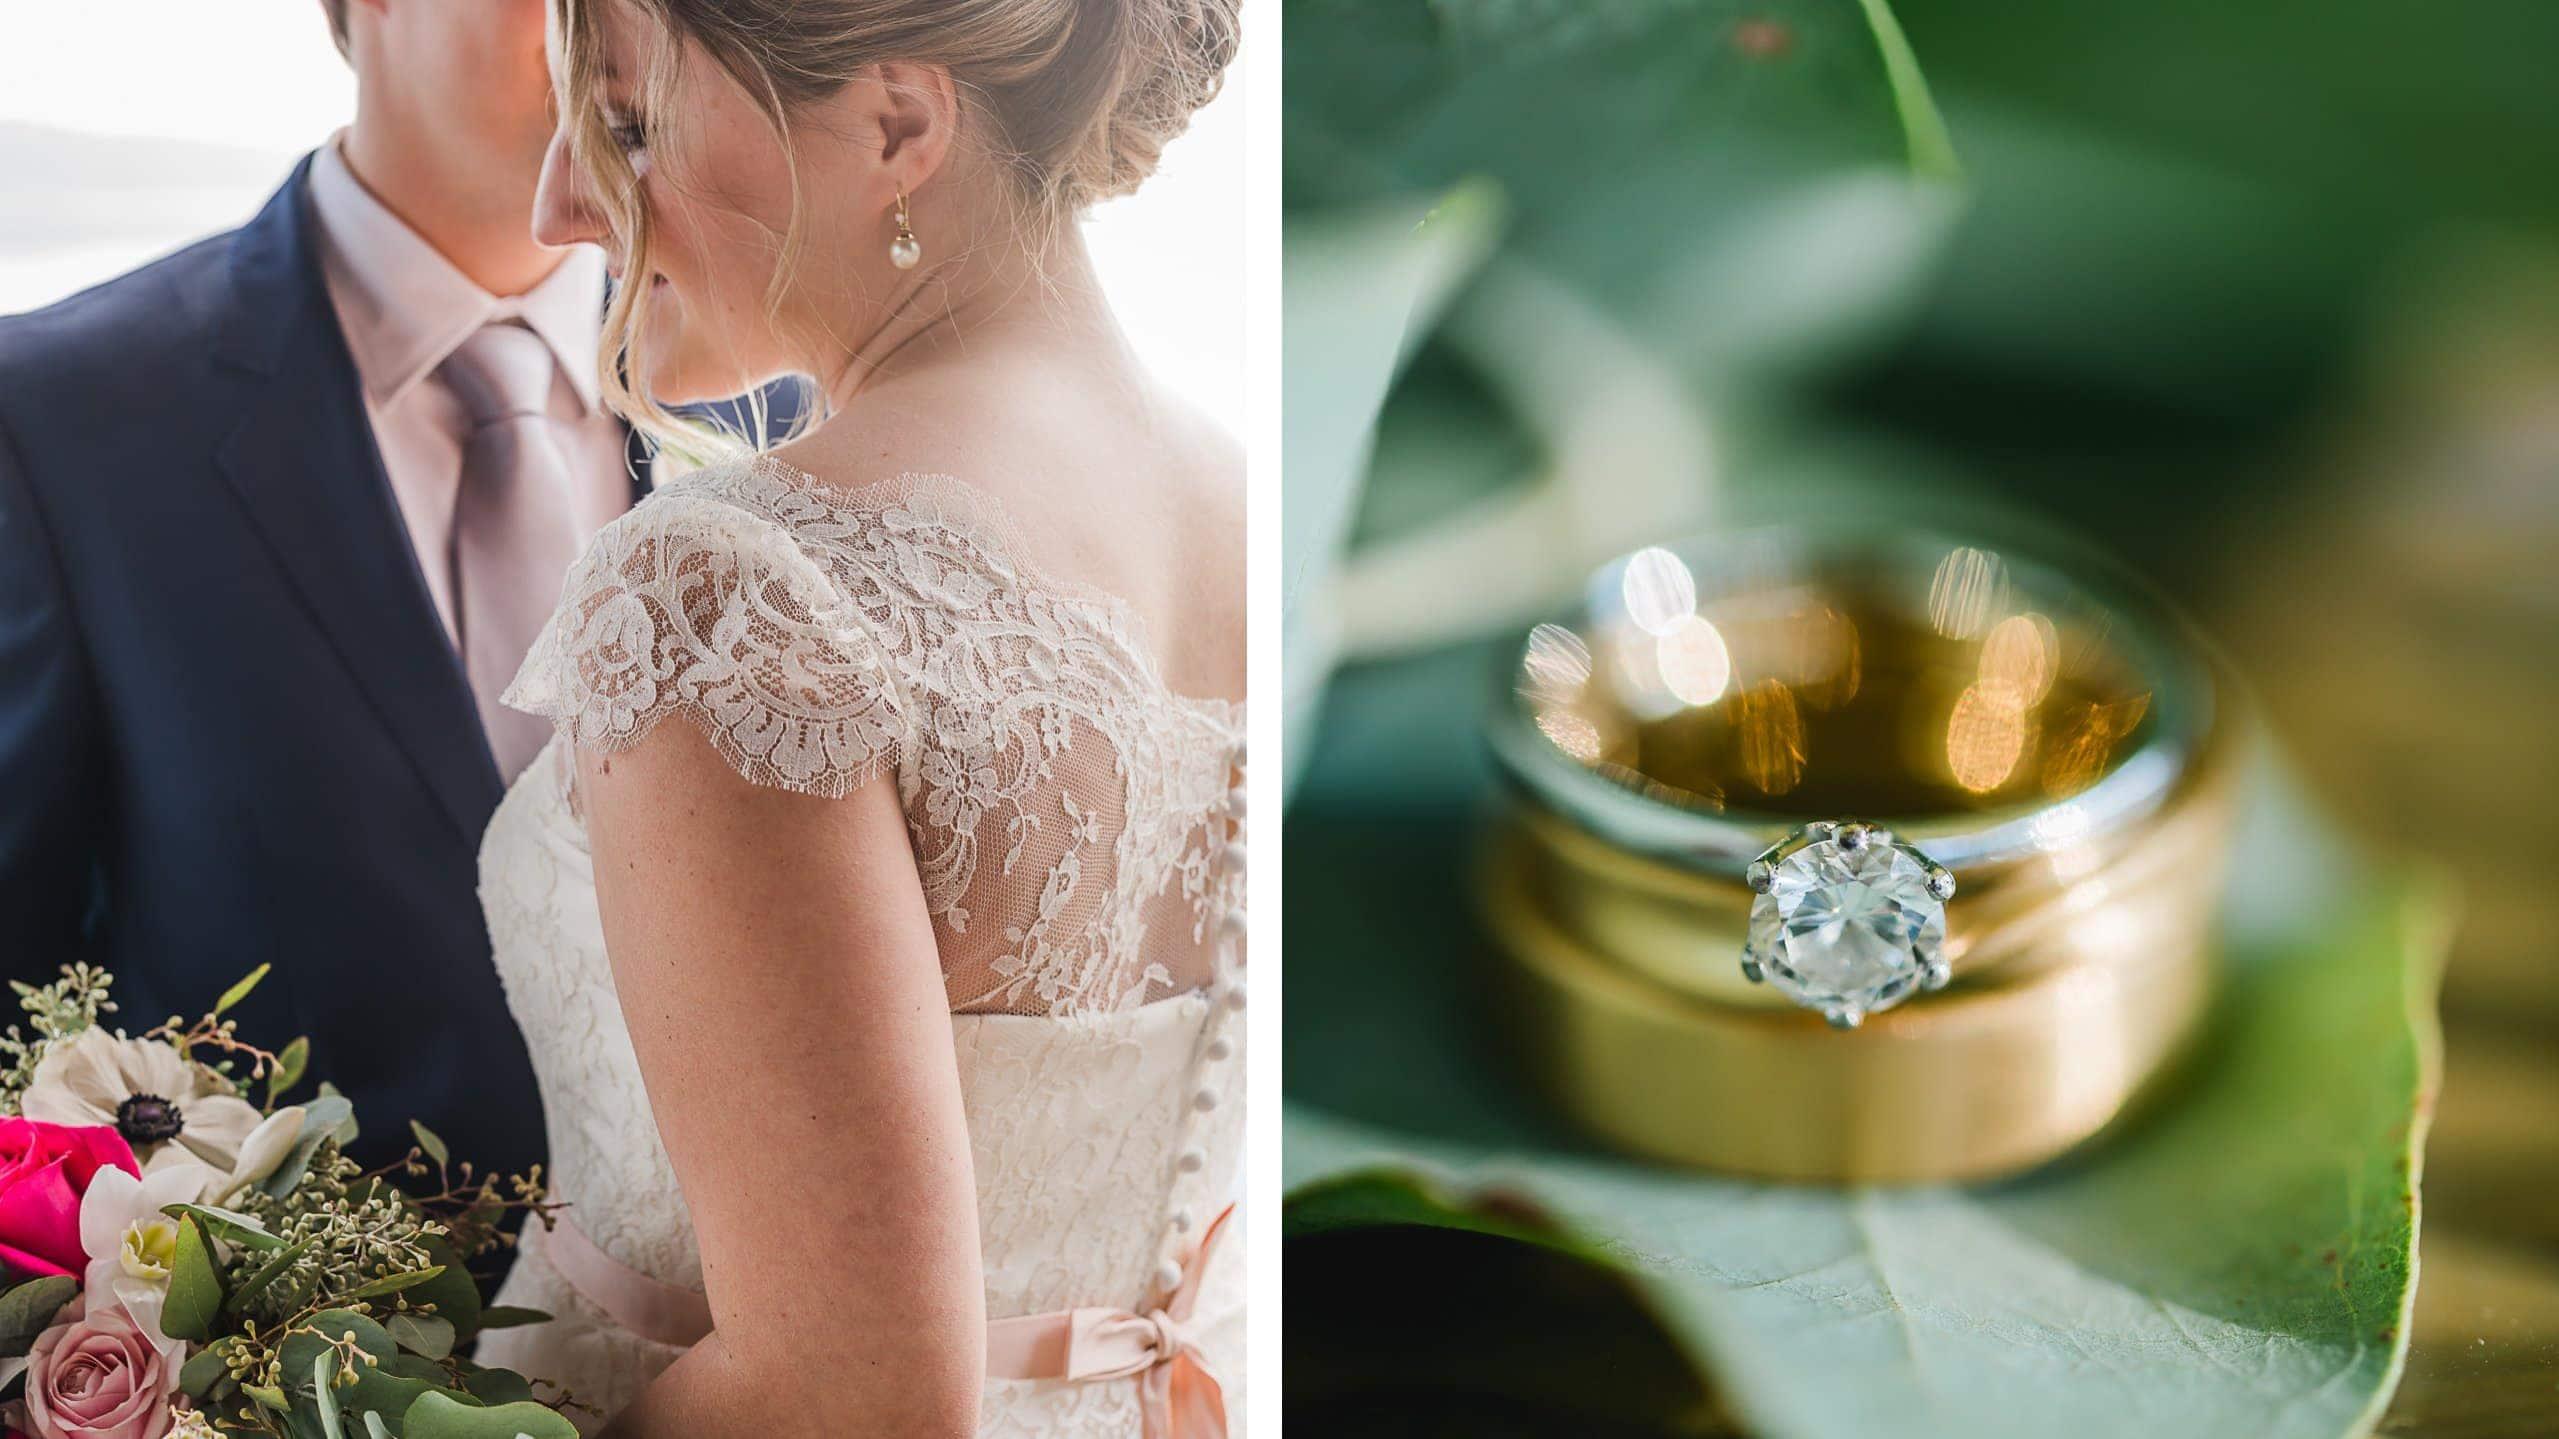 Hochzeitsfotos in und um München, Hochzeitspaar am Steg vom LaVilla, Ringdetails